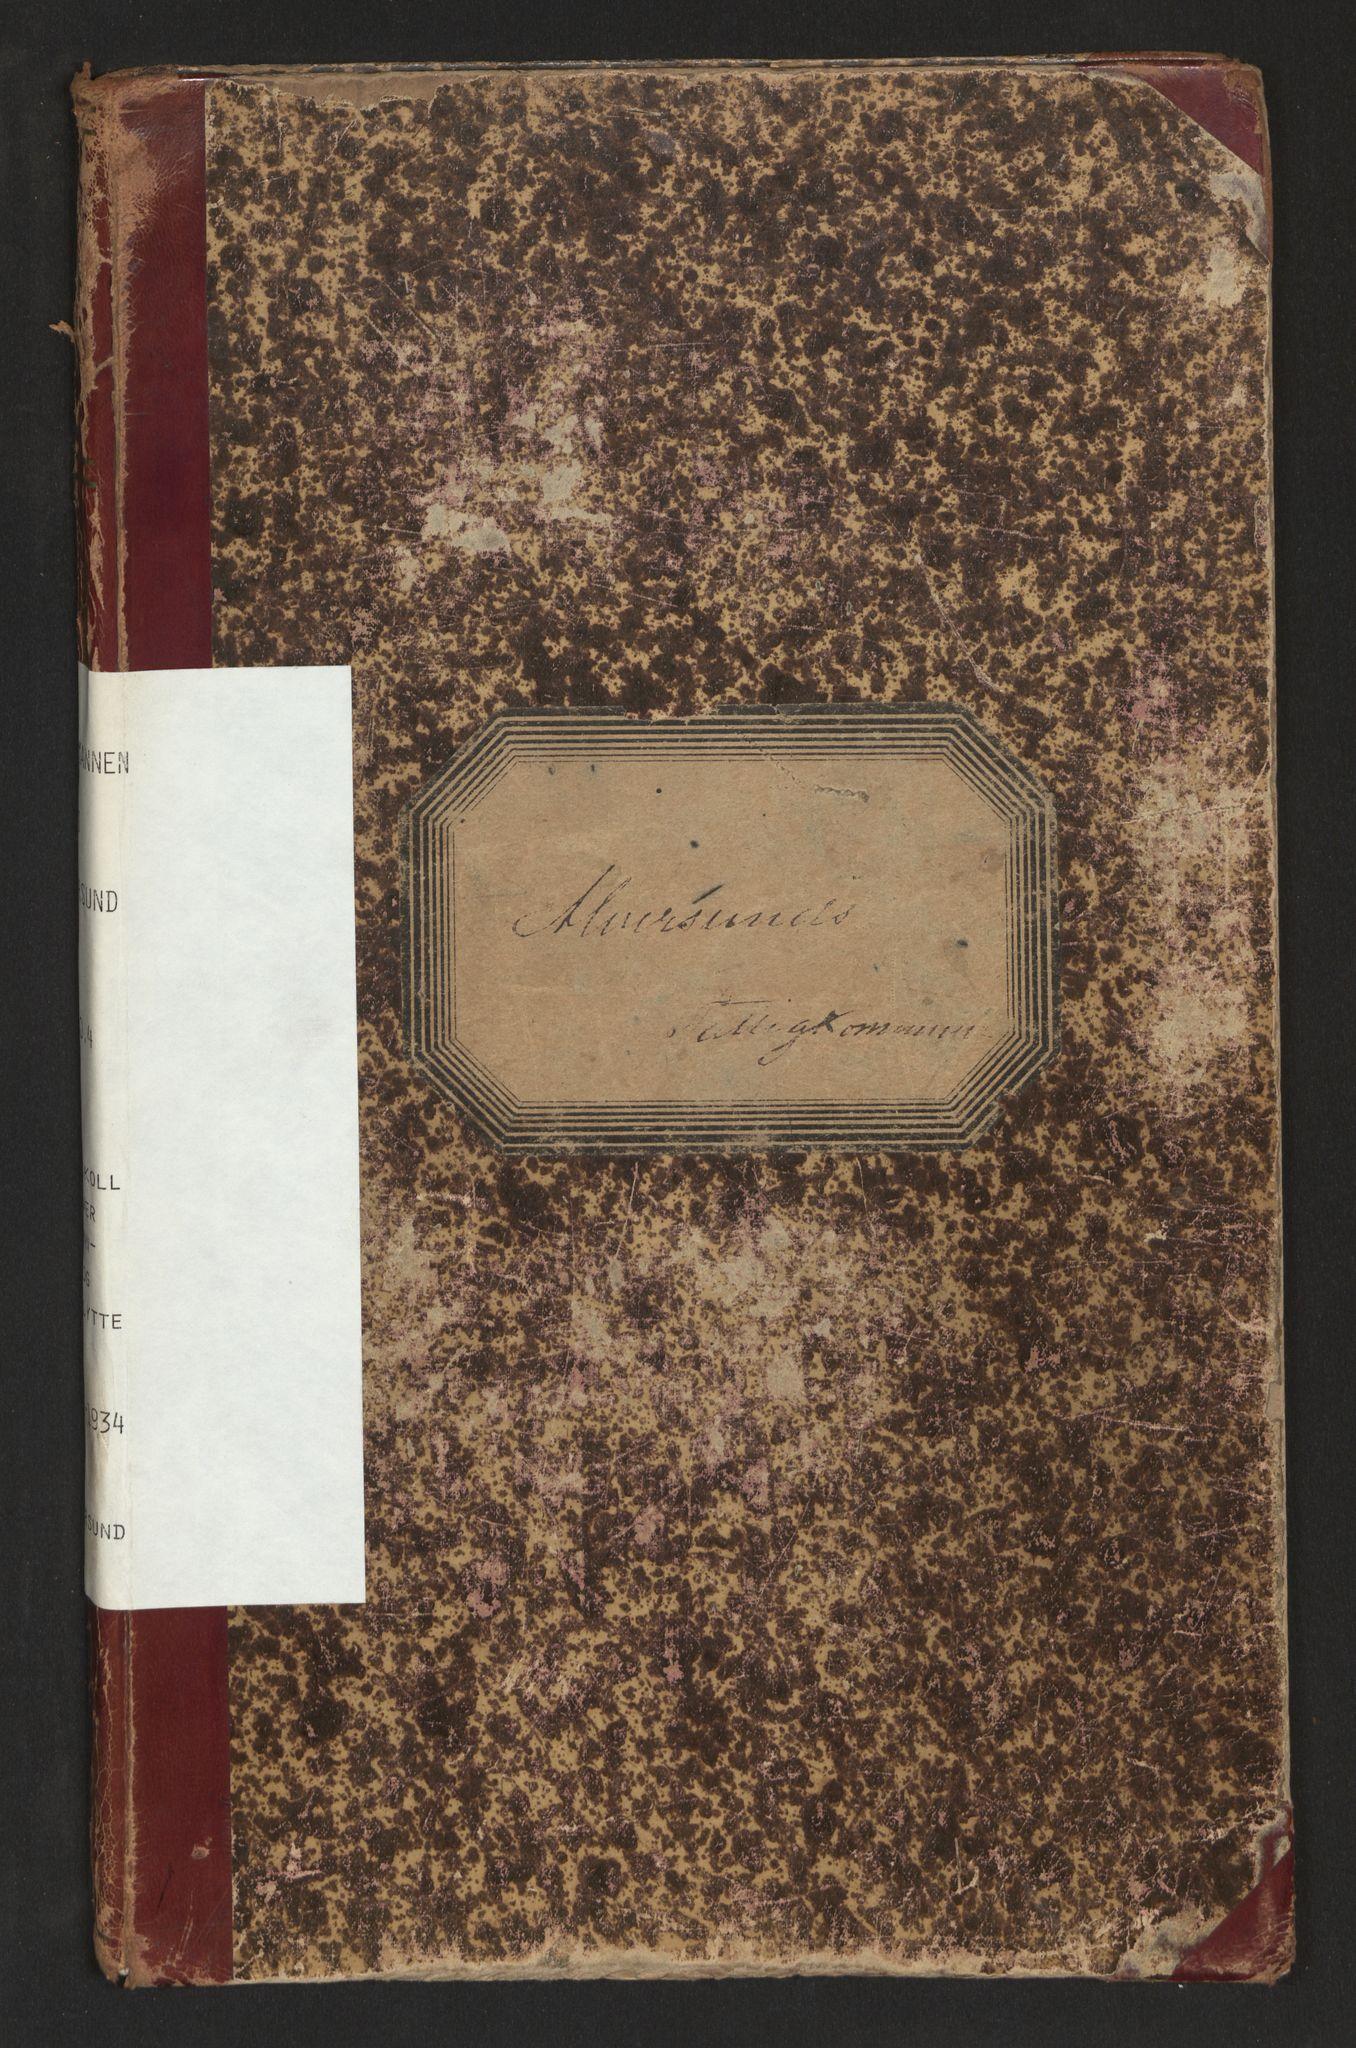 SAB, Lensmannen i Alversund, 0020/L0004: Protokoll over inn- og utflytte, Alversund, 1901-1934